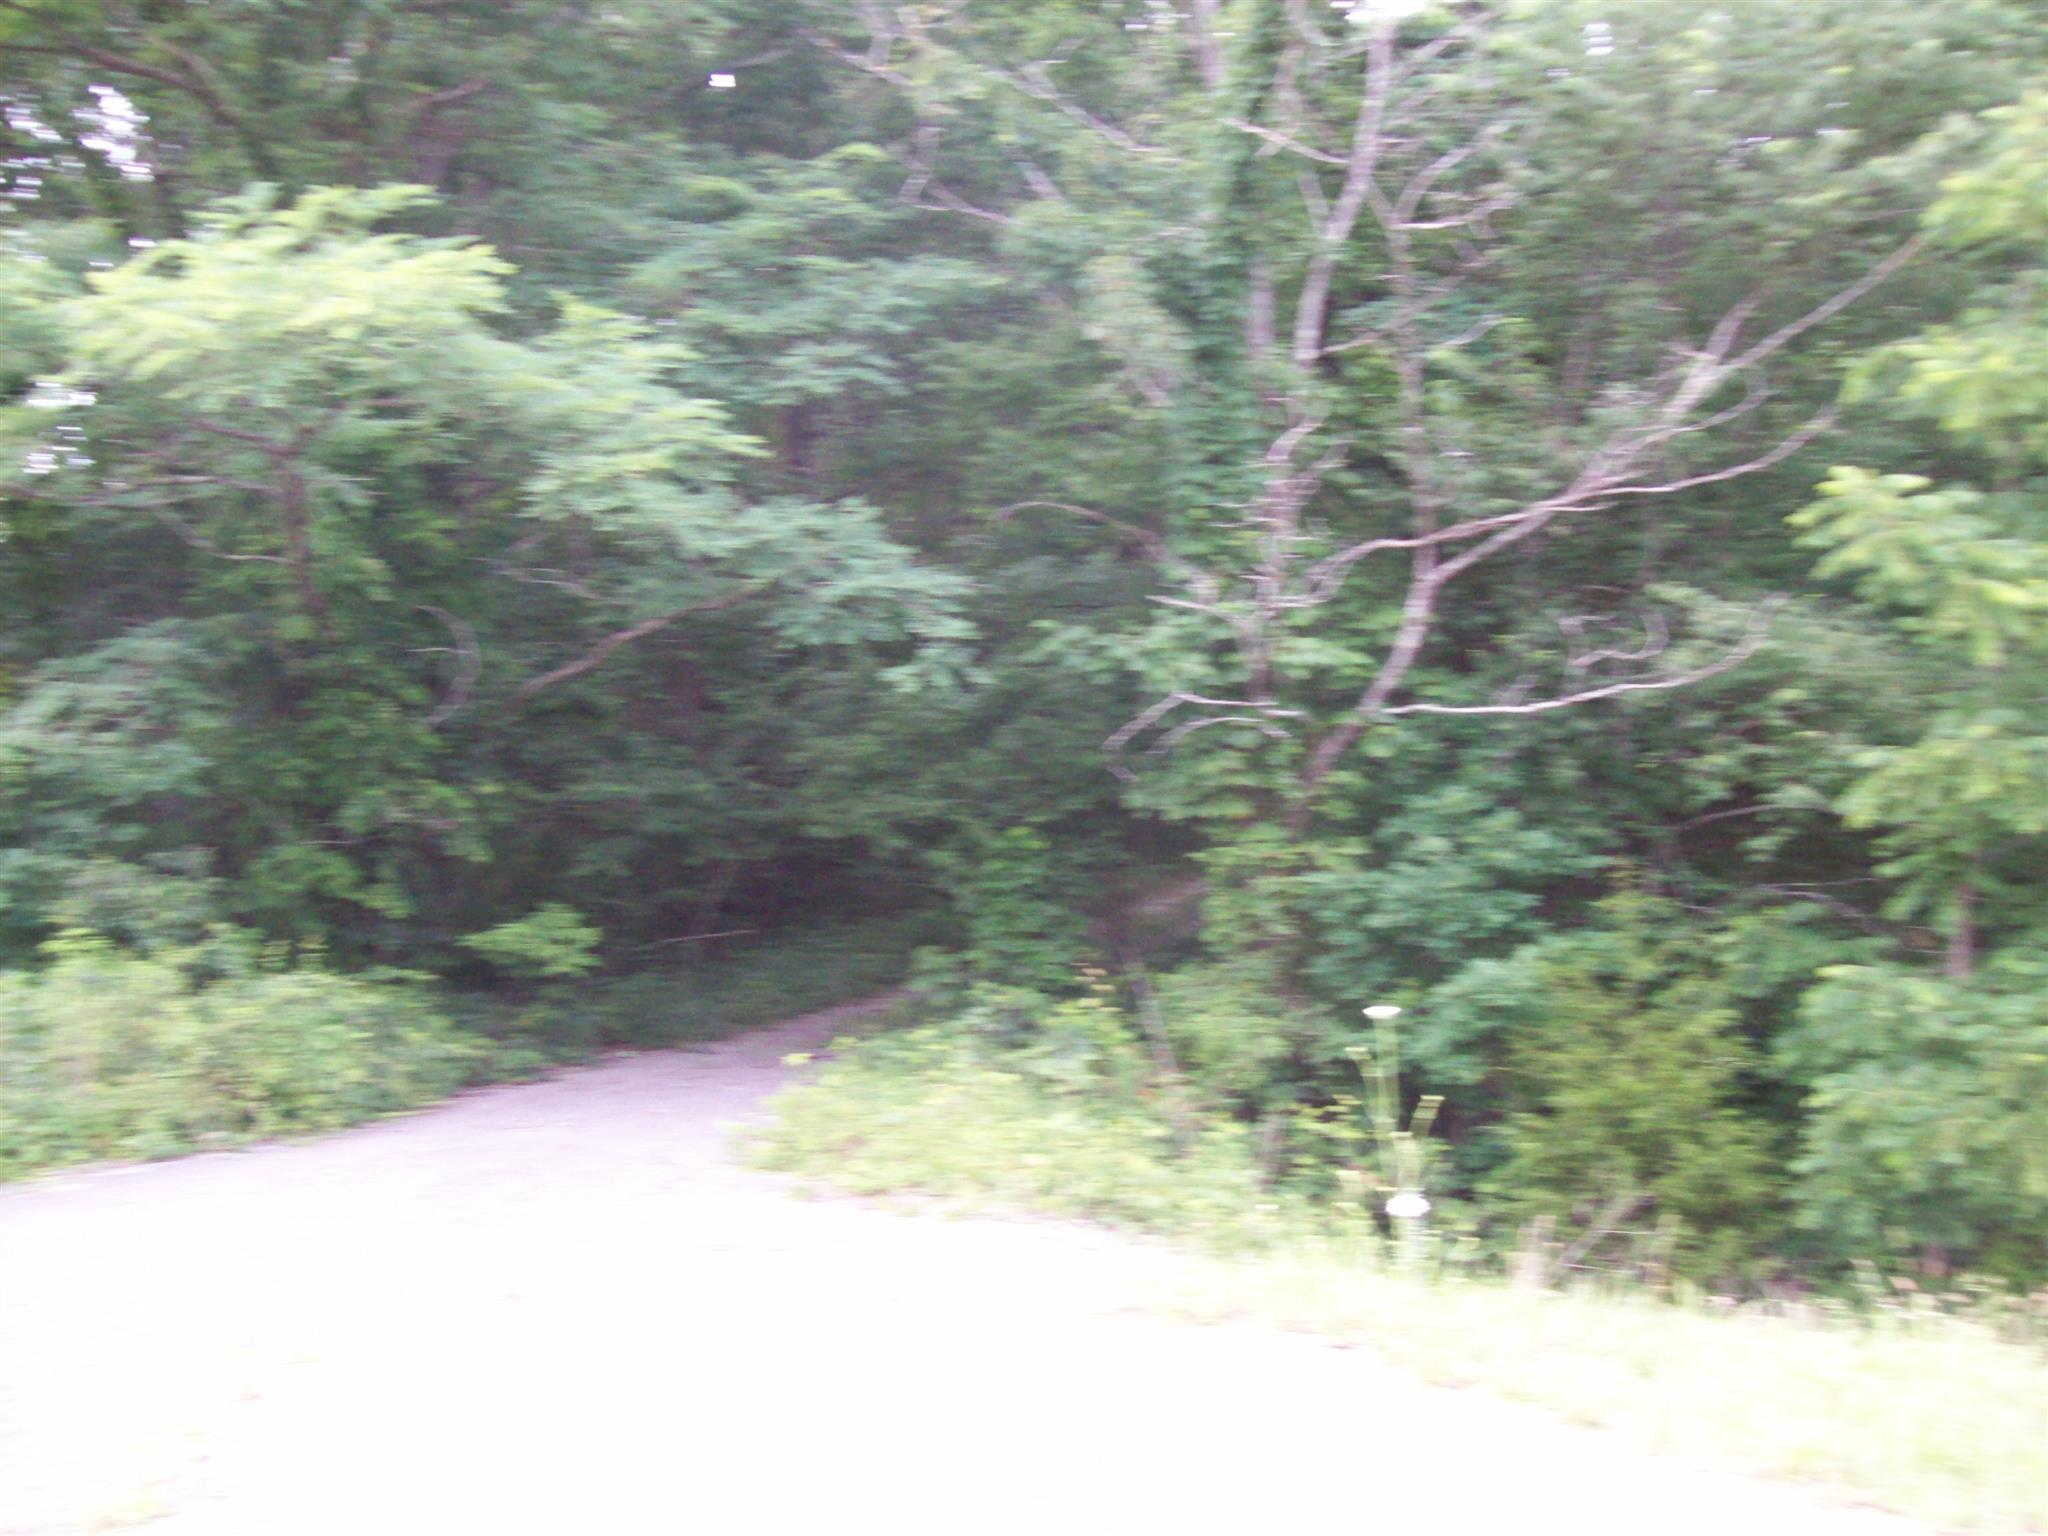 0 Rowe Gap Rd Belvidere, TN 37306